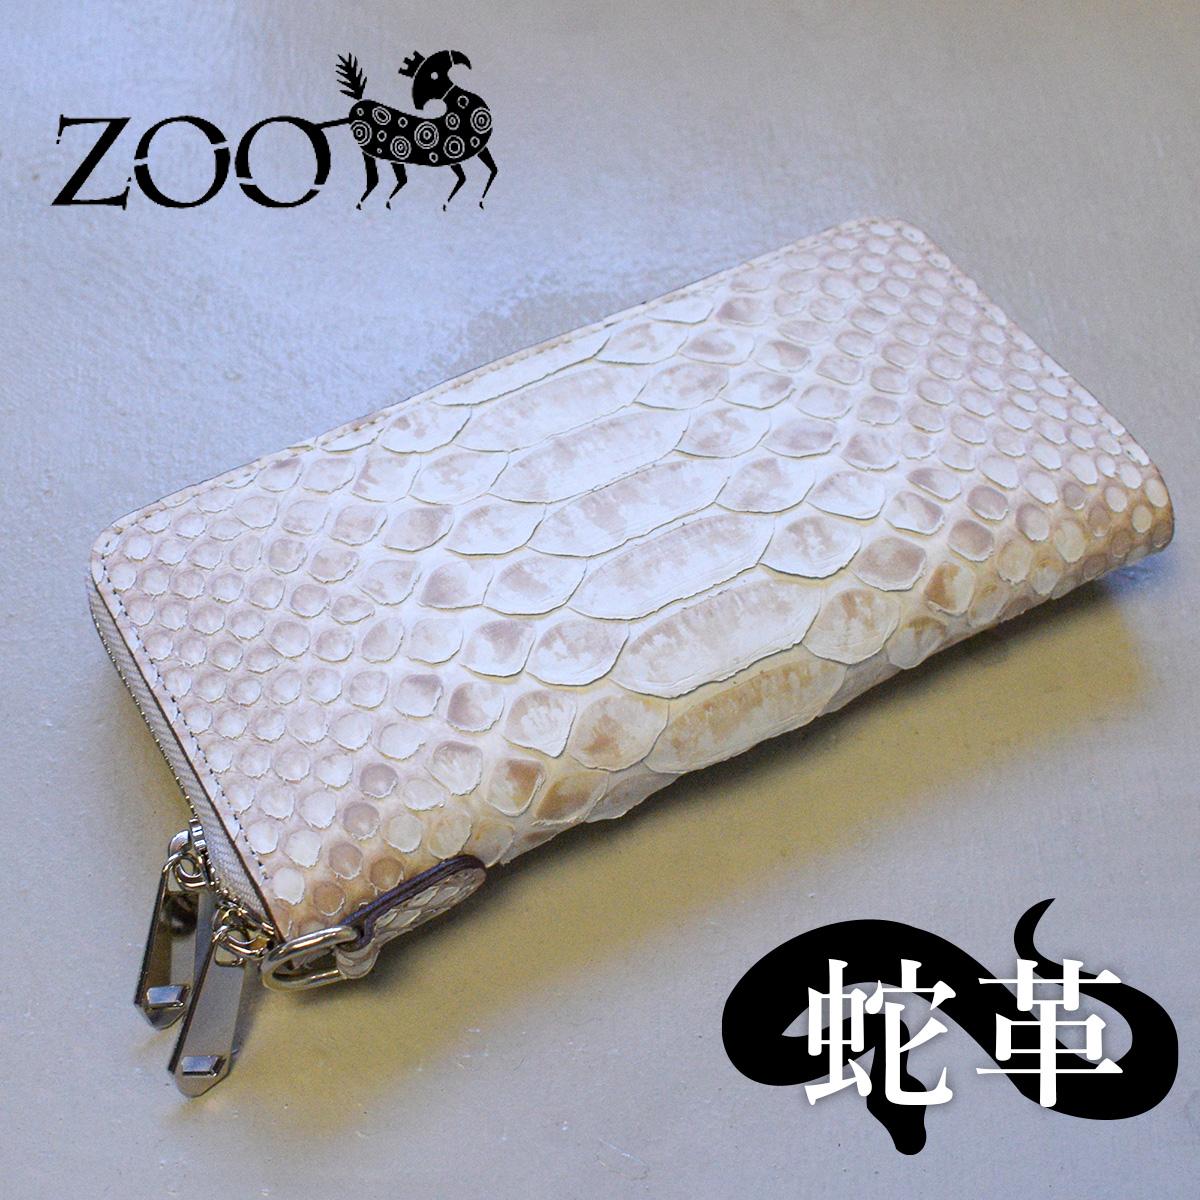 【メッセージカード・ラッピング無料】ZOO(ズー) パイソンレザー 蛇革 ラウンドファスナー メンズ 長財布 zlw-076 ホワイト 【父の日】